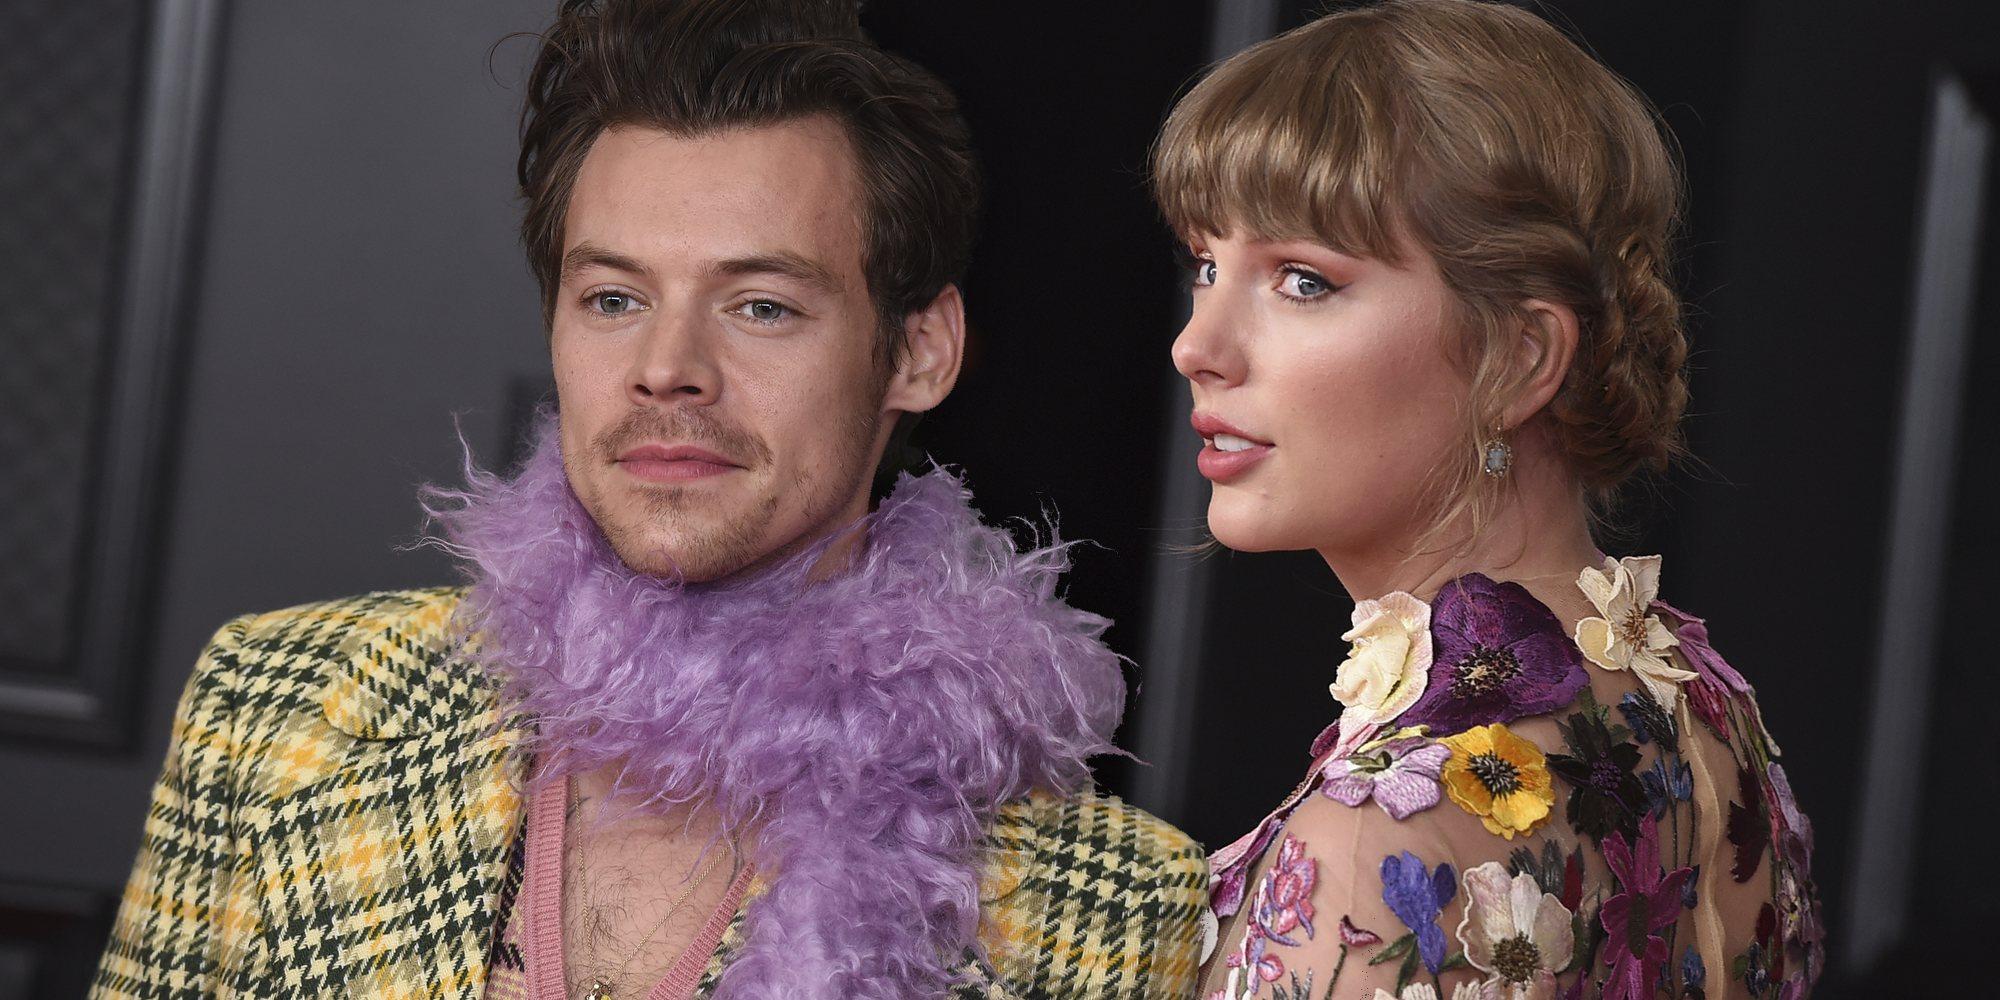 De Taylor Swift a Harry Styles: Así fue la inusual alfombra roja de los Grammy 2021